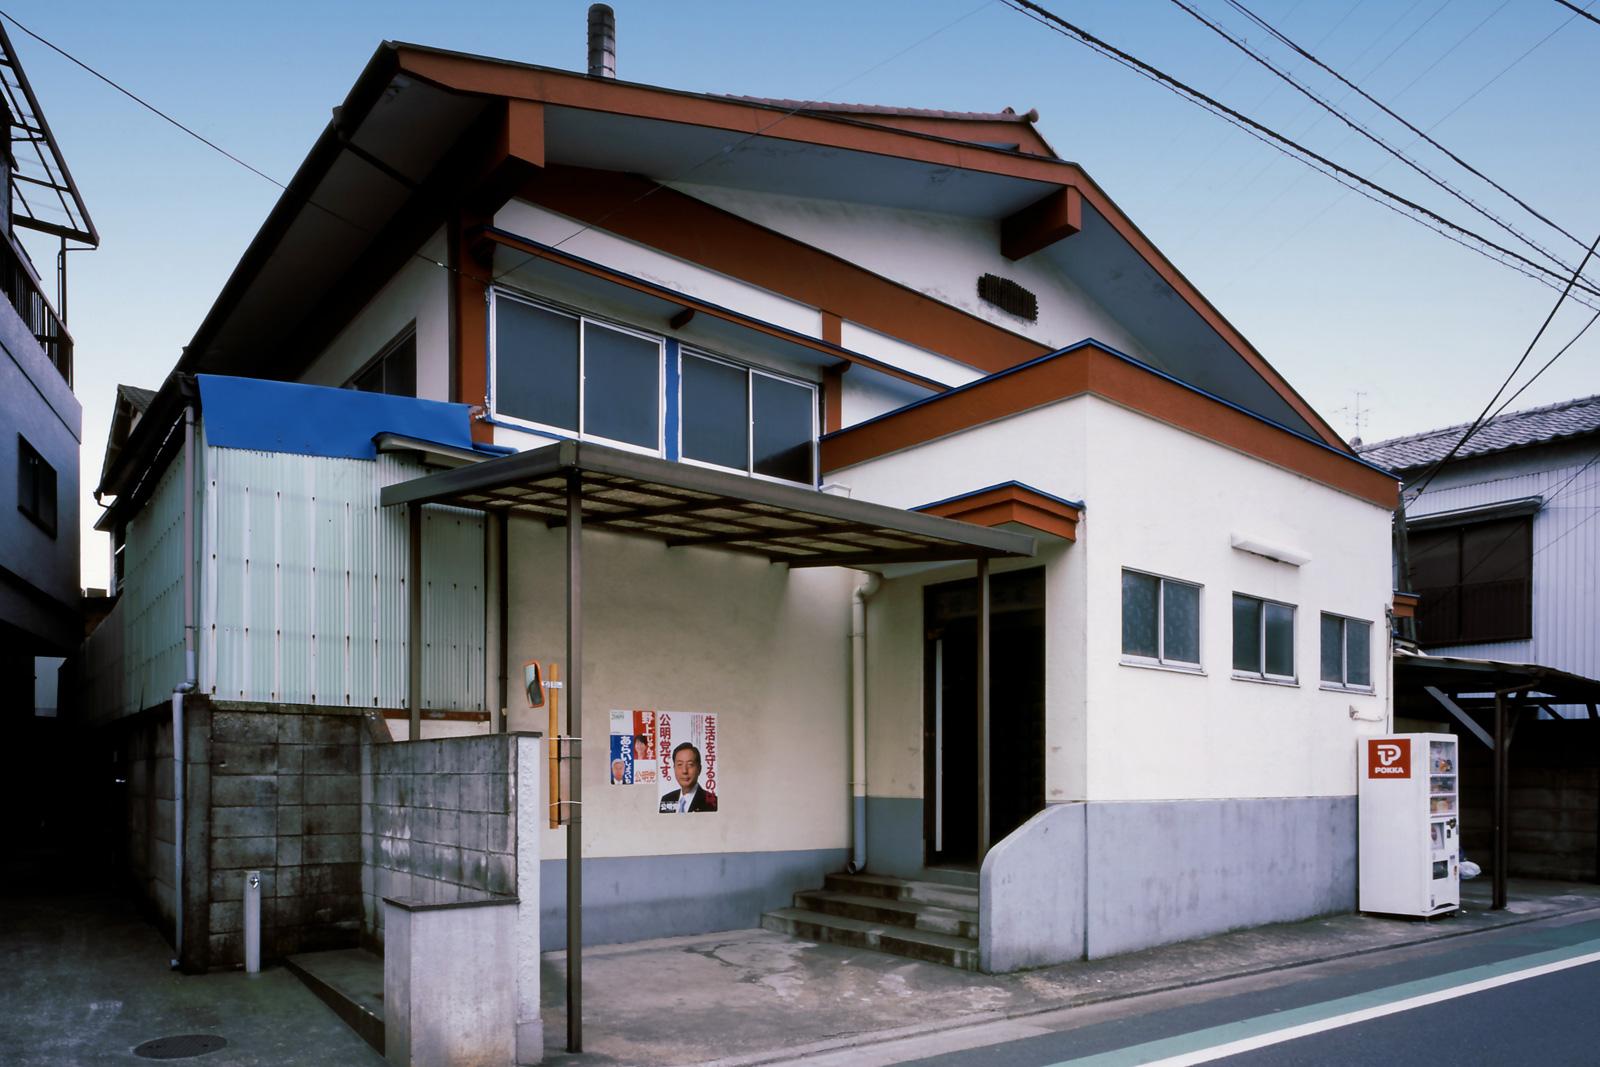 Dainitakarayu